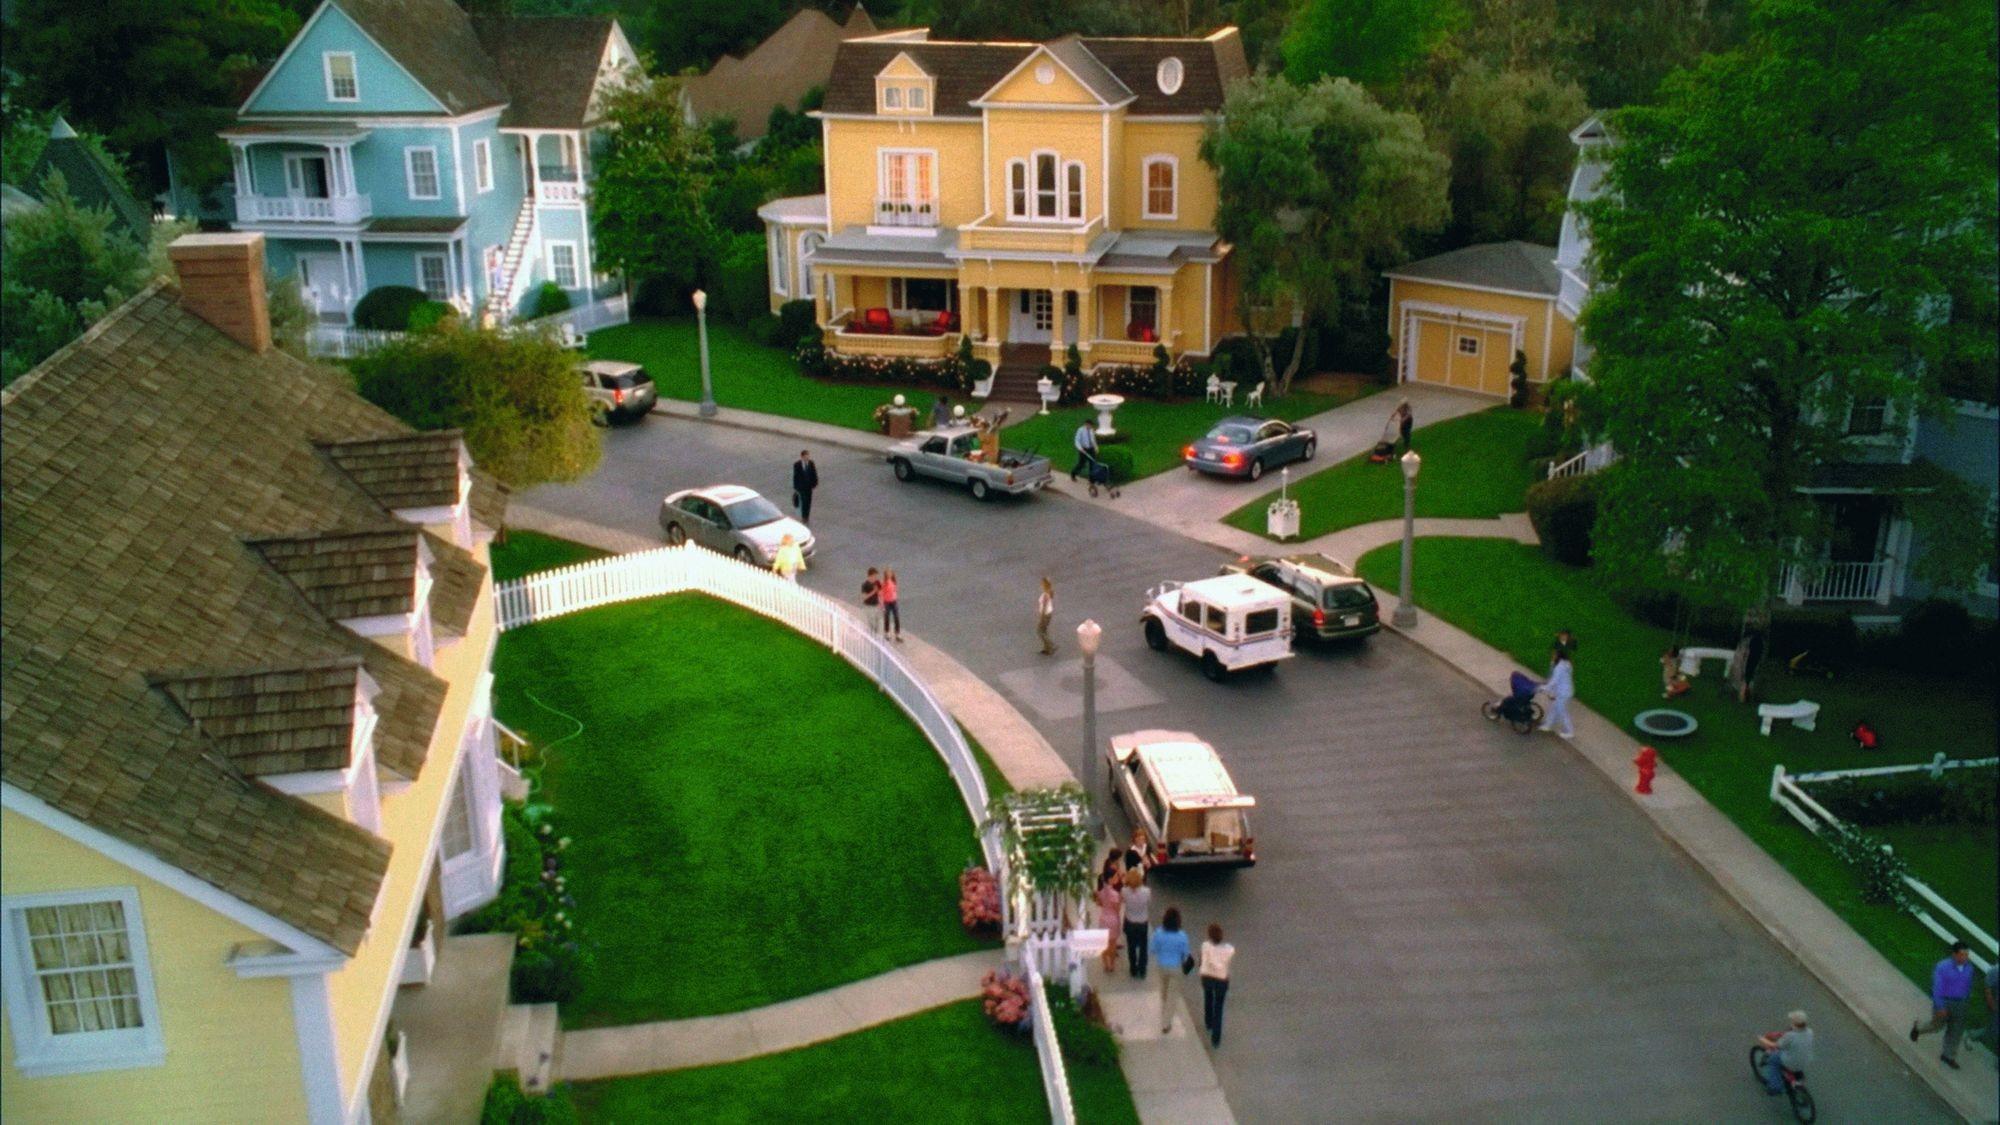 Wisteria Lane ou l'illusion du bonheur domestique (Desperate Housewives, pilote)